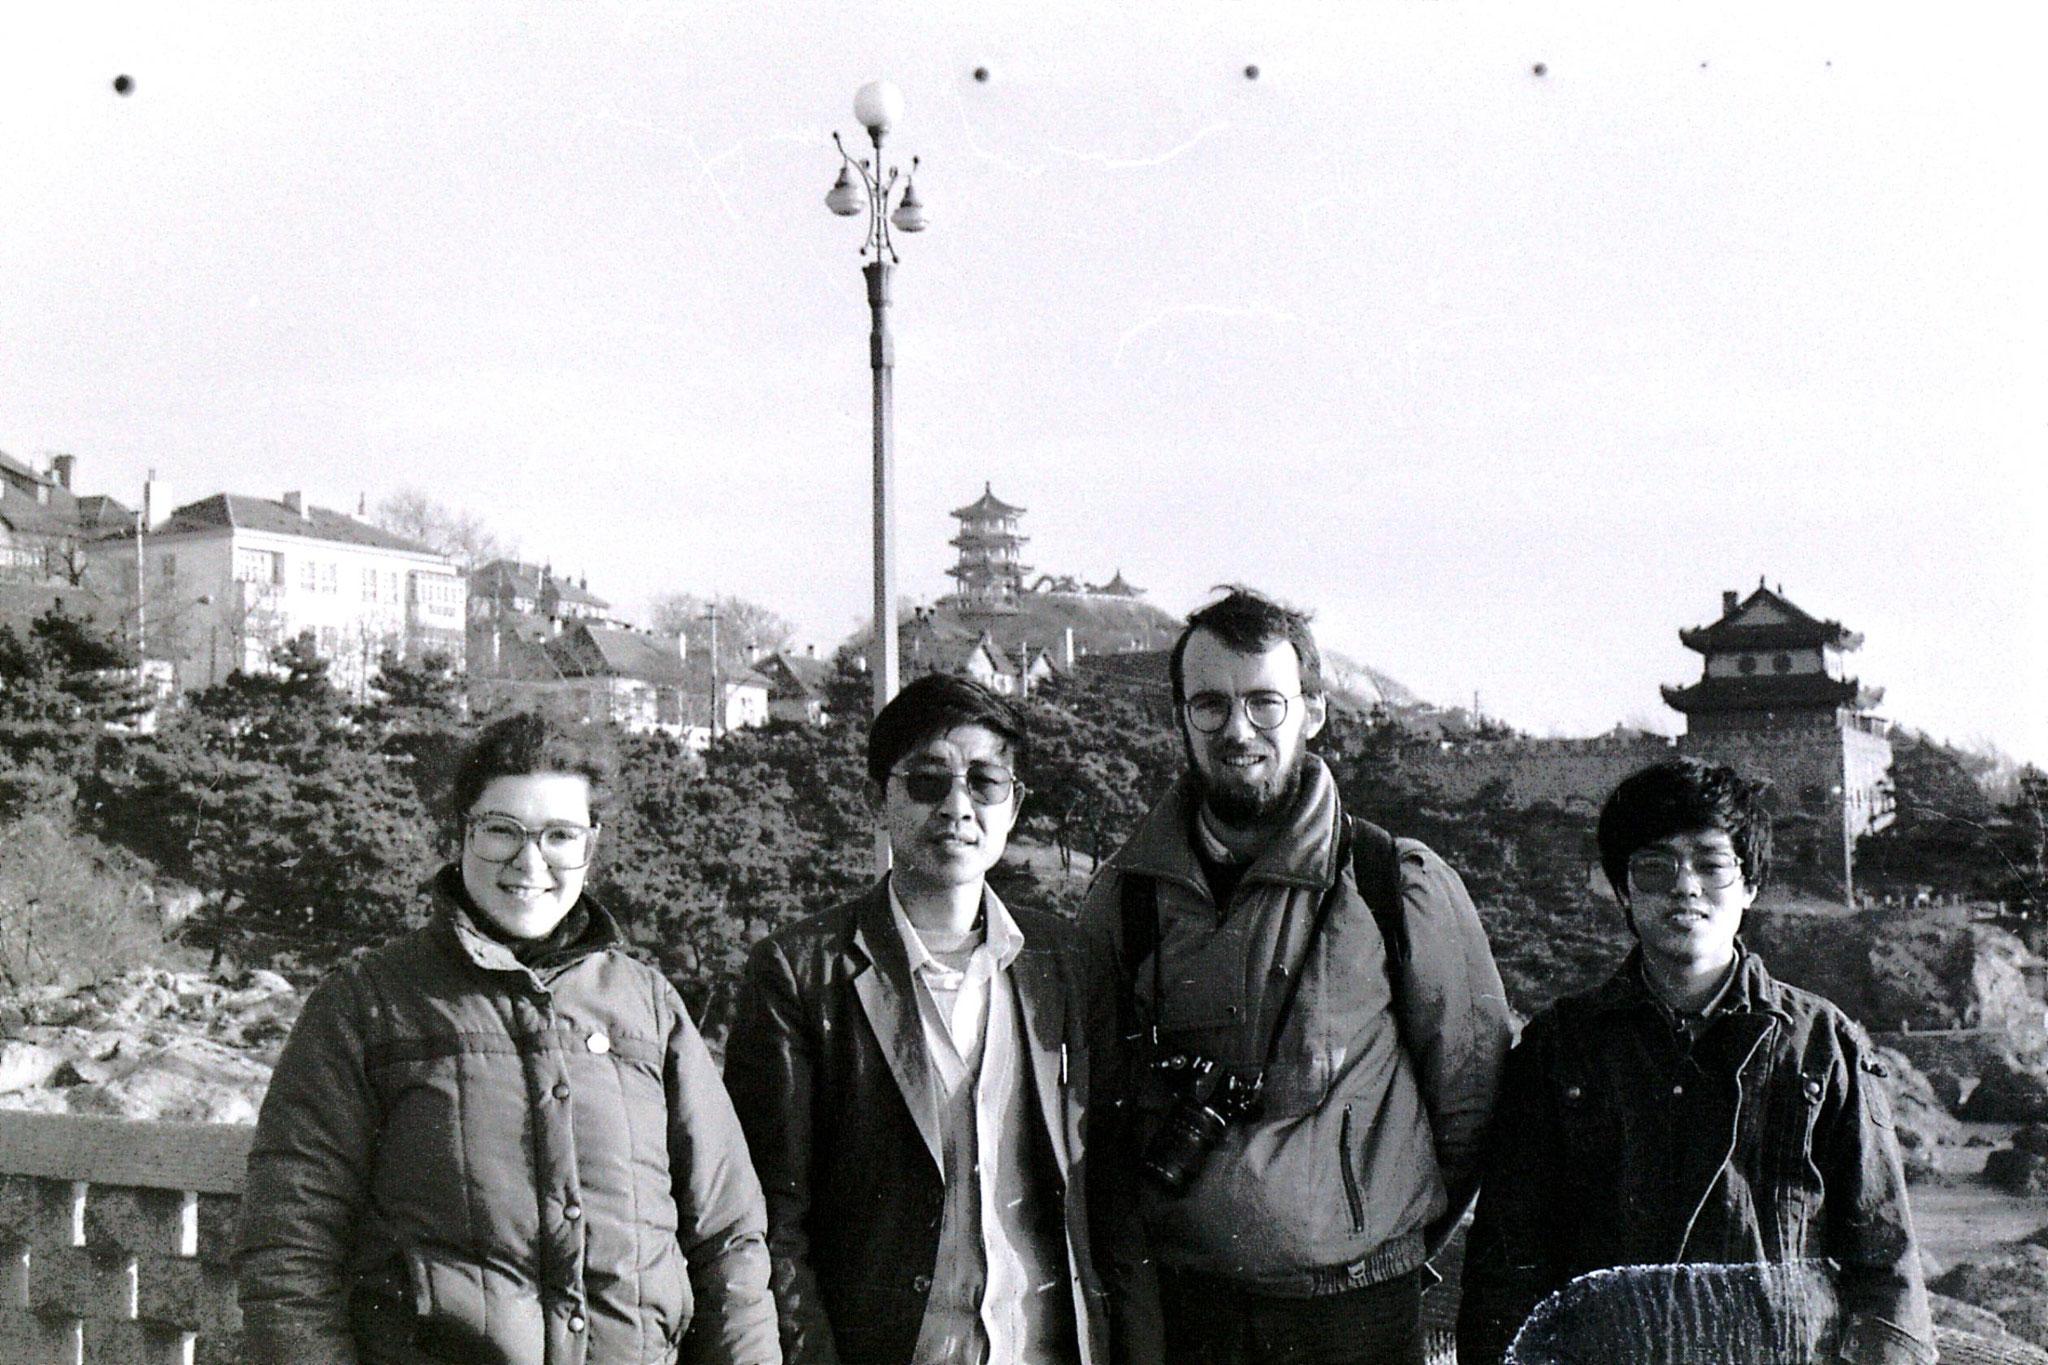 13/2/1989: 26: Qingdao